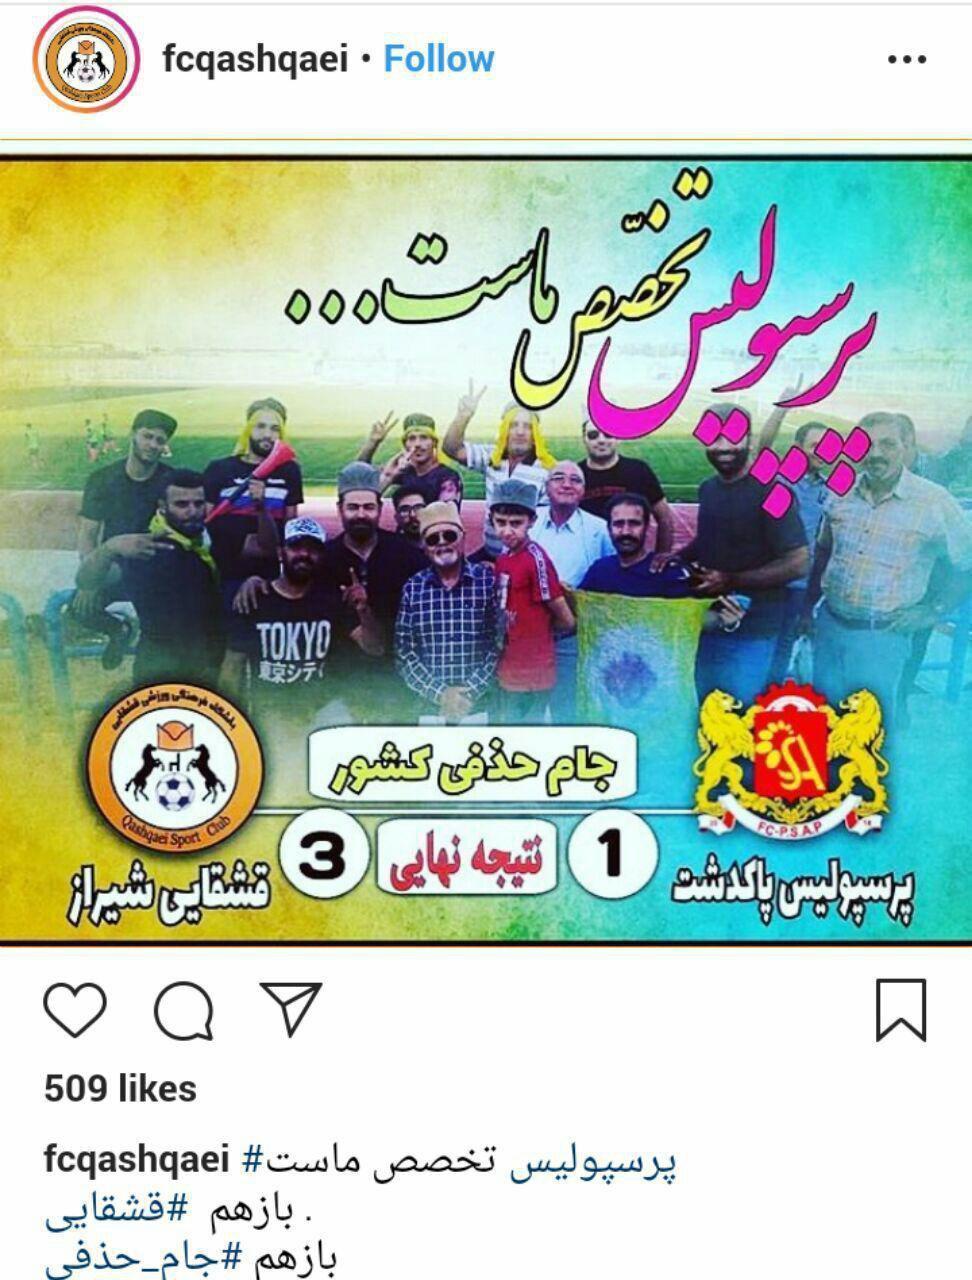 تصویر، قشقایی شیراز: پرسپولیس تخصص ماست!